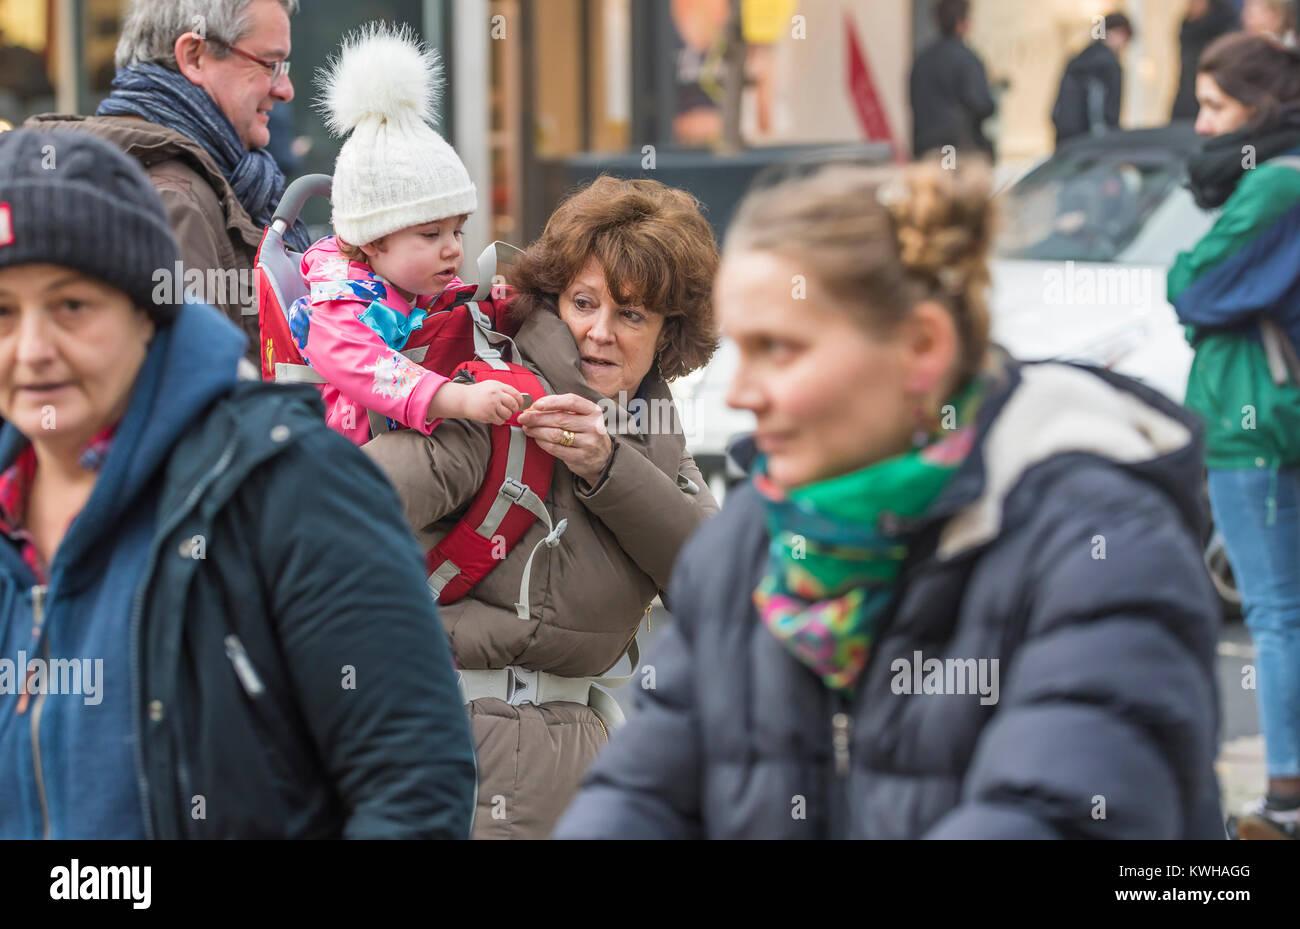 Femme portant un enfant sur ses épaules, un piggy back ride, parmi la foule dans une rue animée de l'Angleterre, Photo Stock